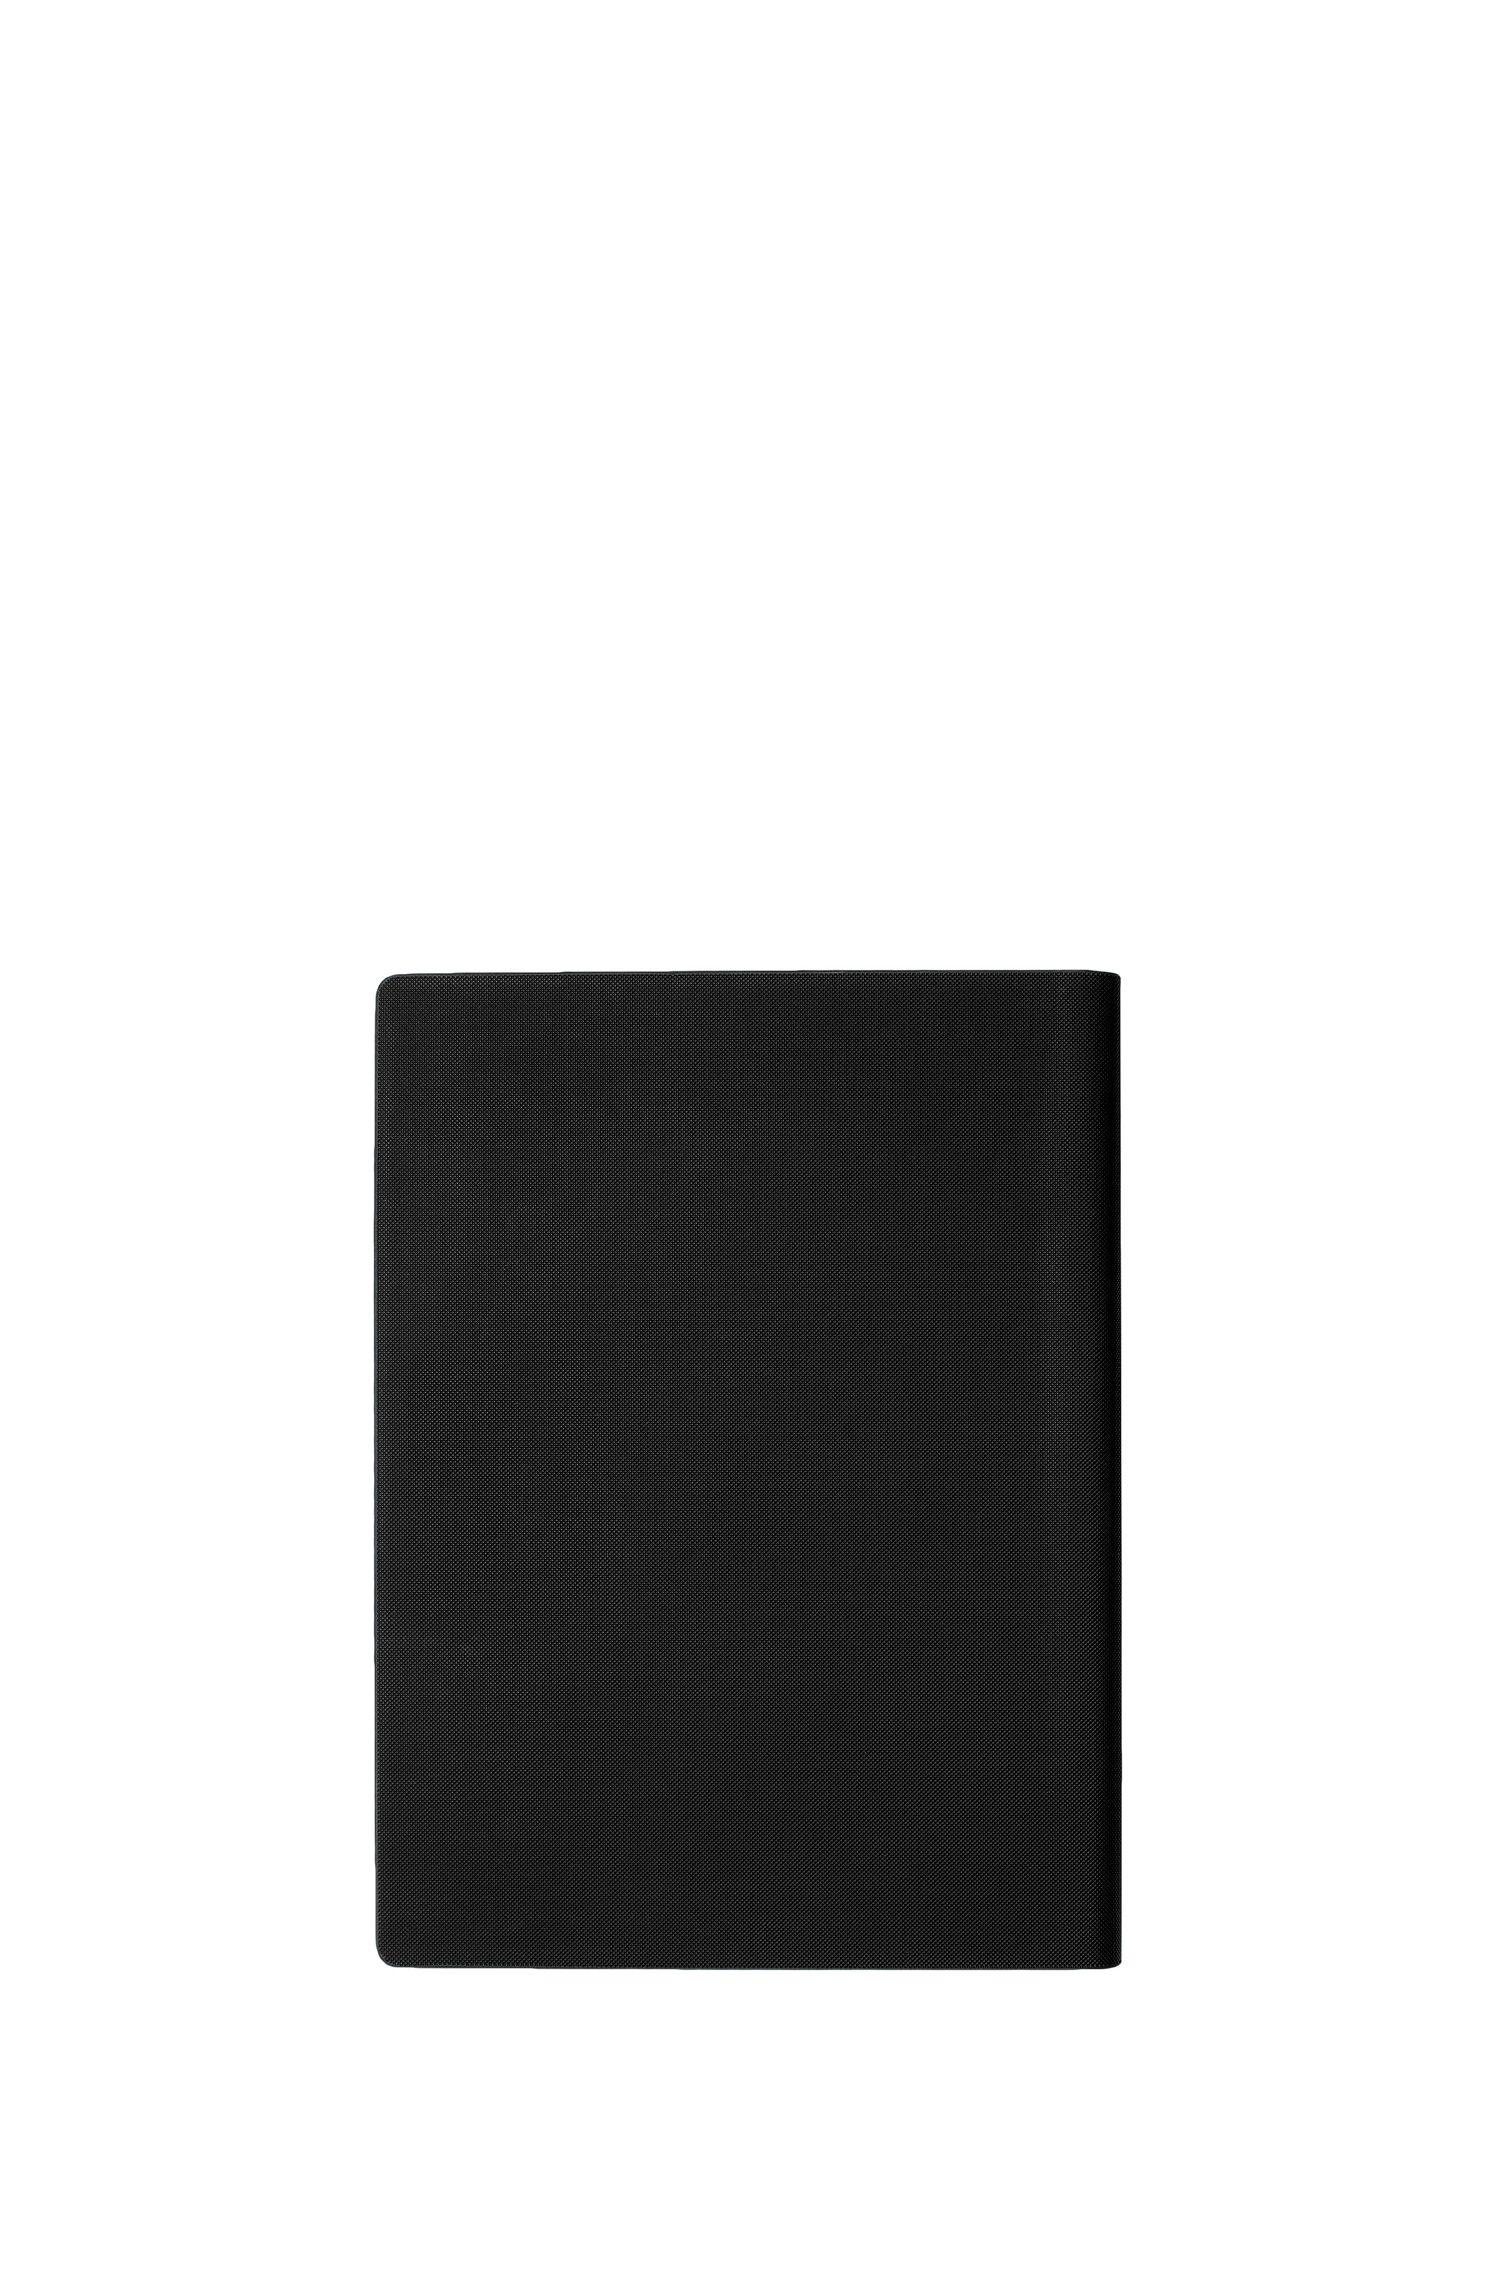 Étui texturé noir au formatA4 avec logo or rose, Noir